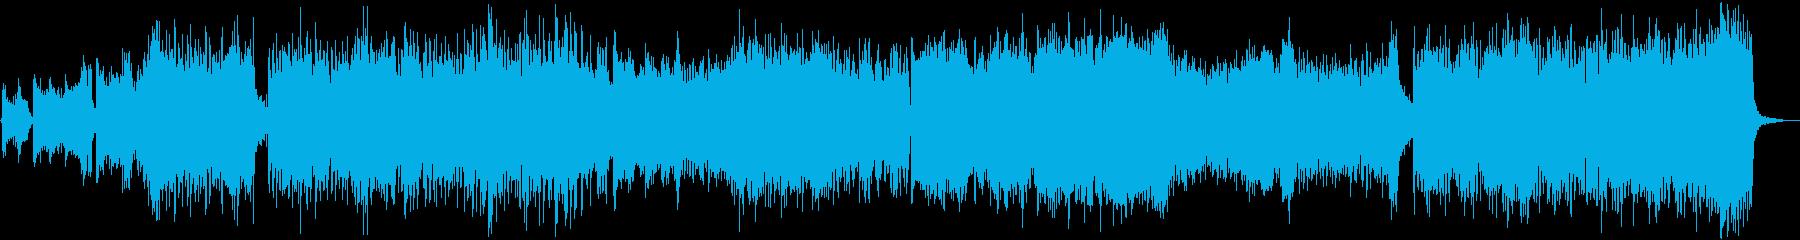 スピード感のある壮大な曲ですの再生済みの波形